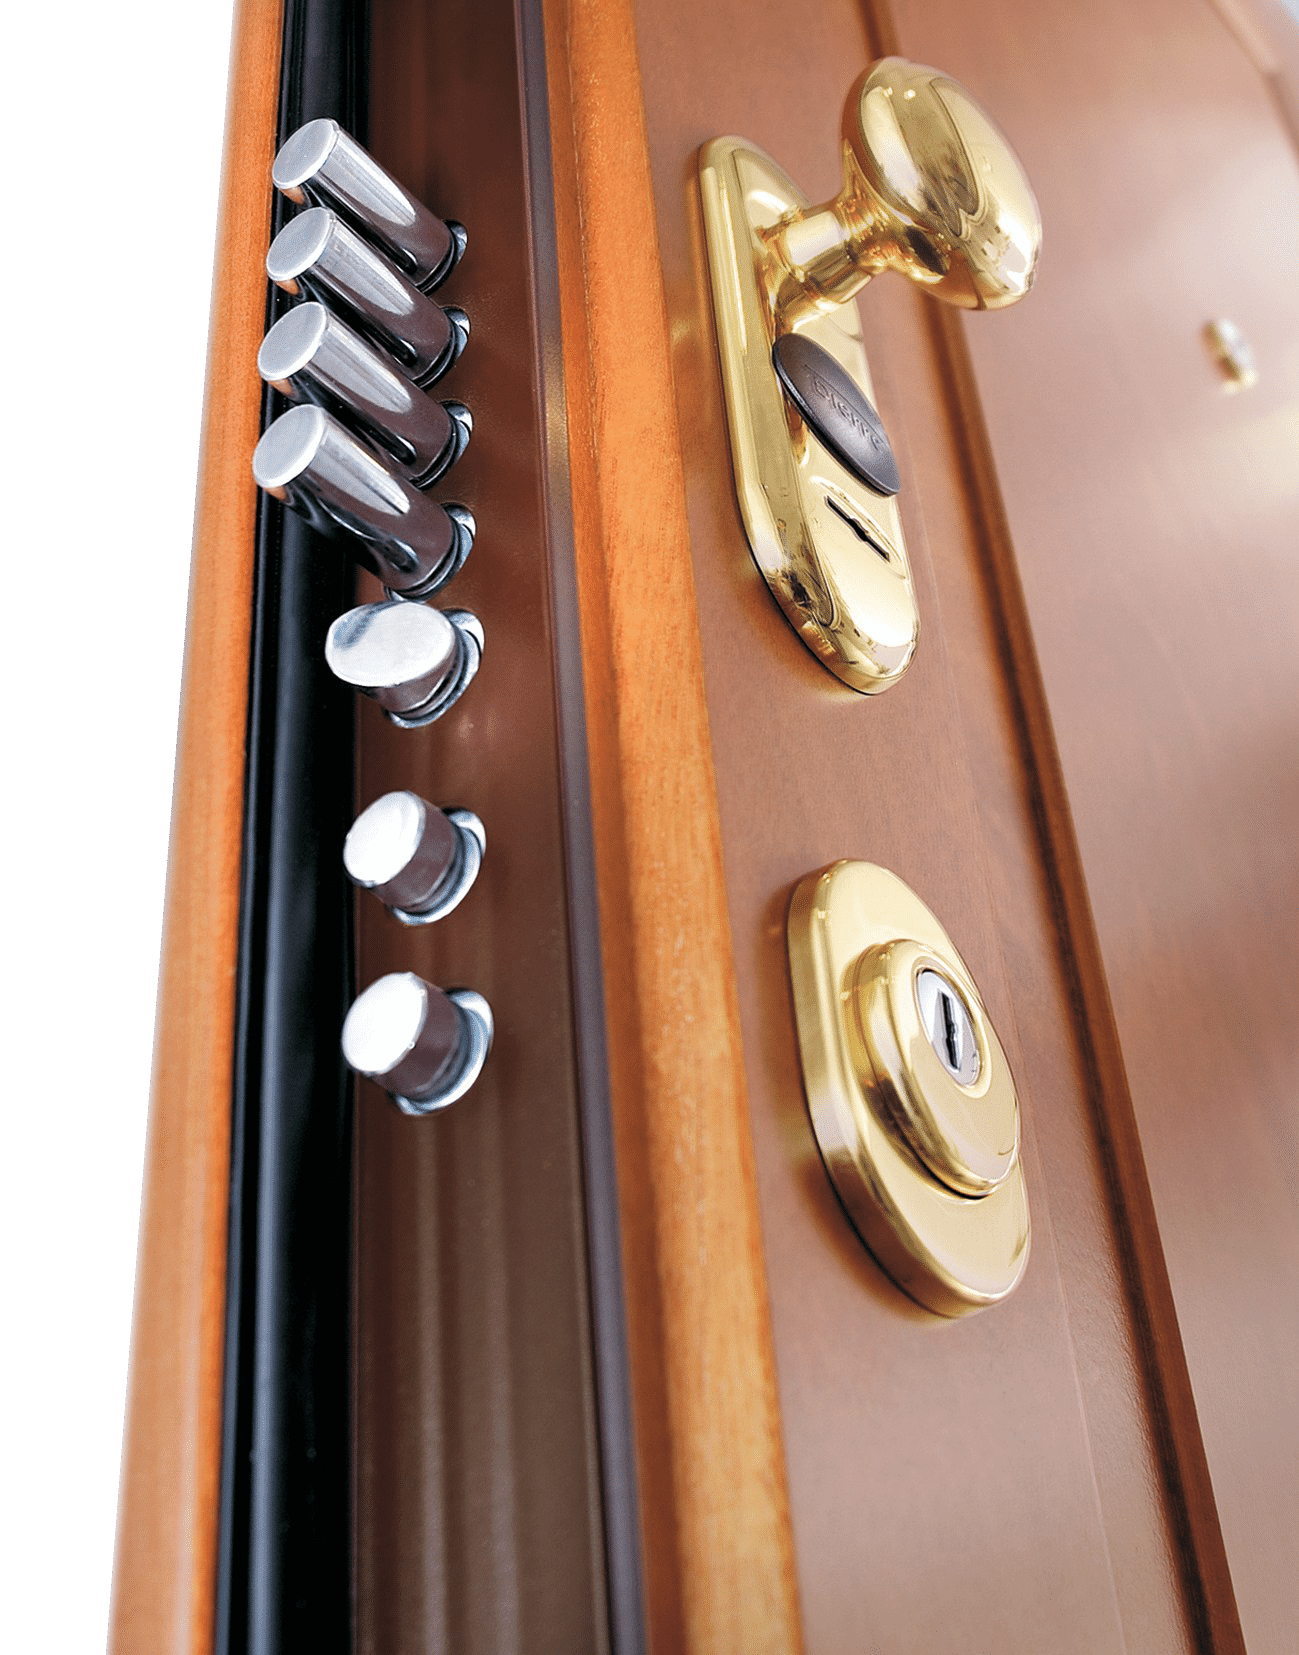 Serrure haute s curit prot gez votre domicile efficacement for Securiser sa porte d entree